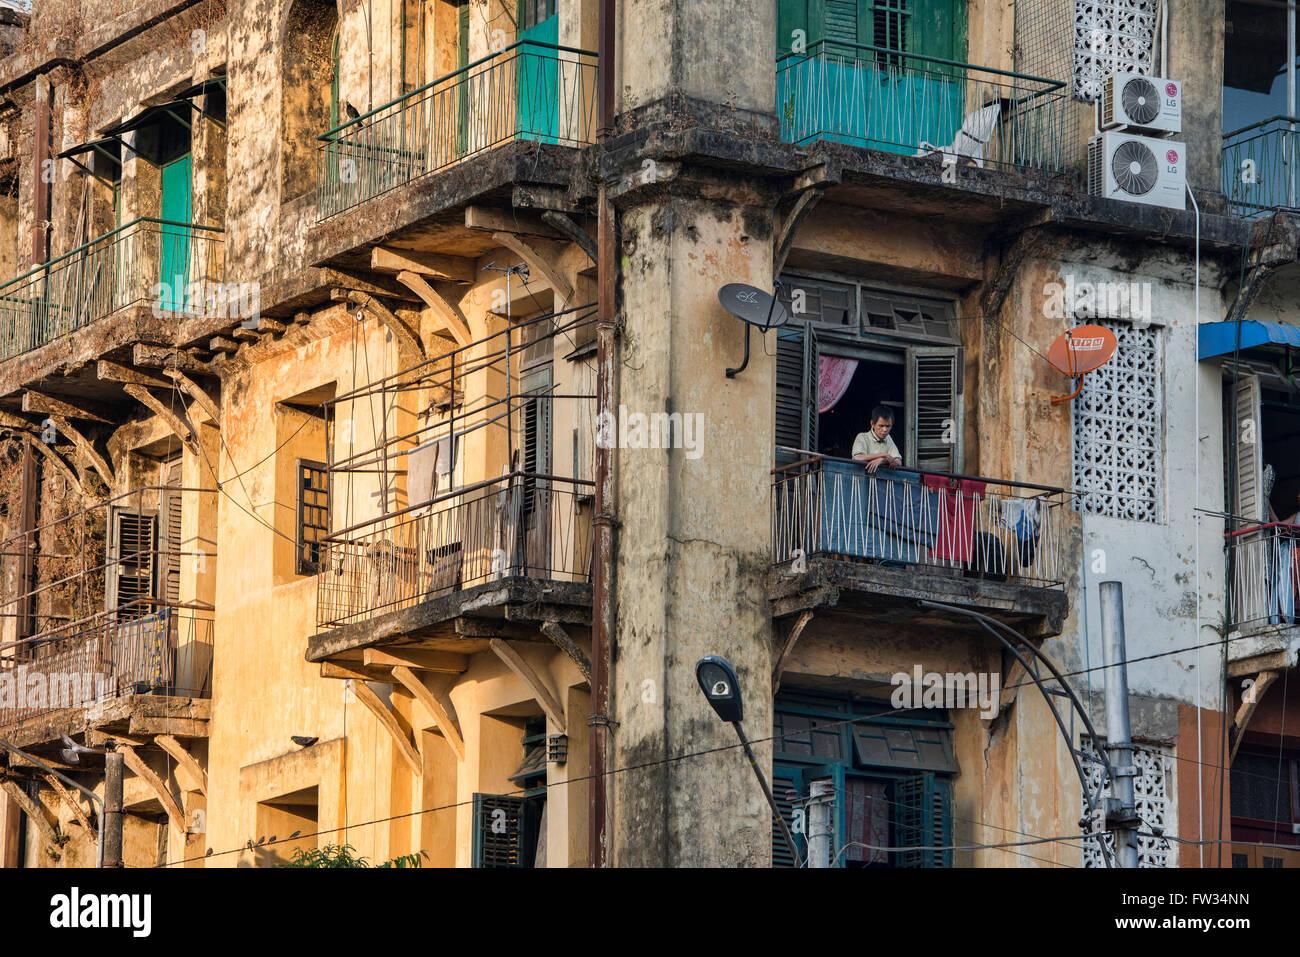 Crumbling Old Colonial Apartments In Yangon, Myanmar   Stock Image